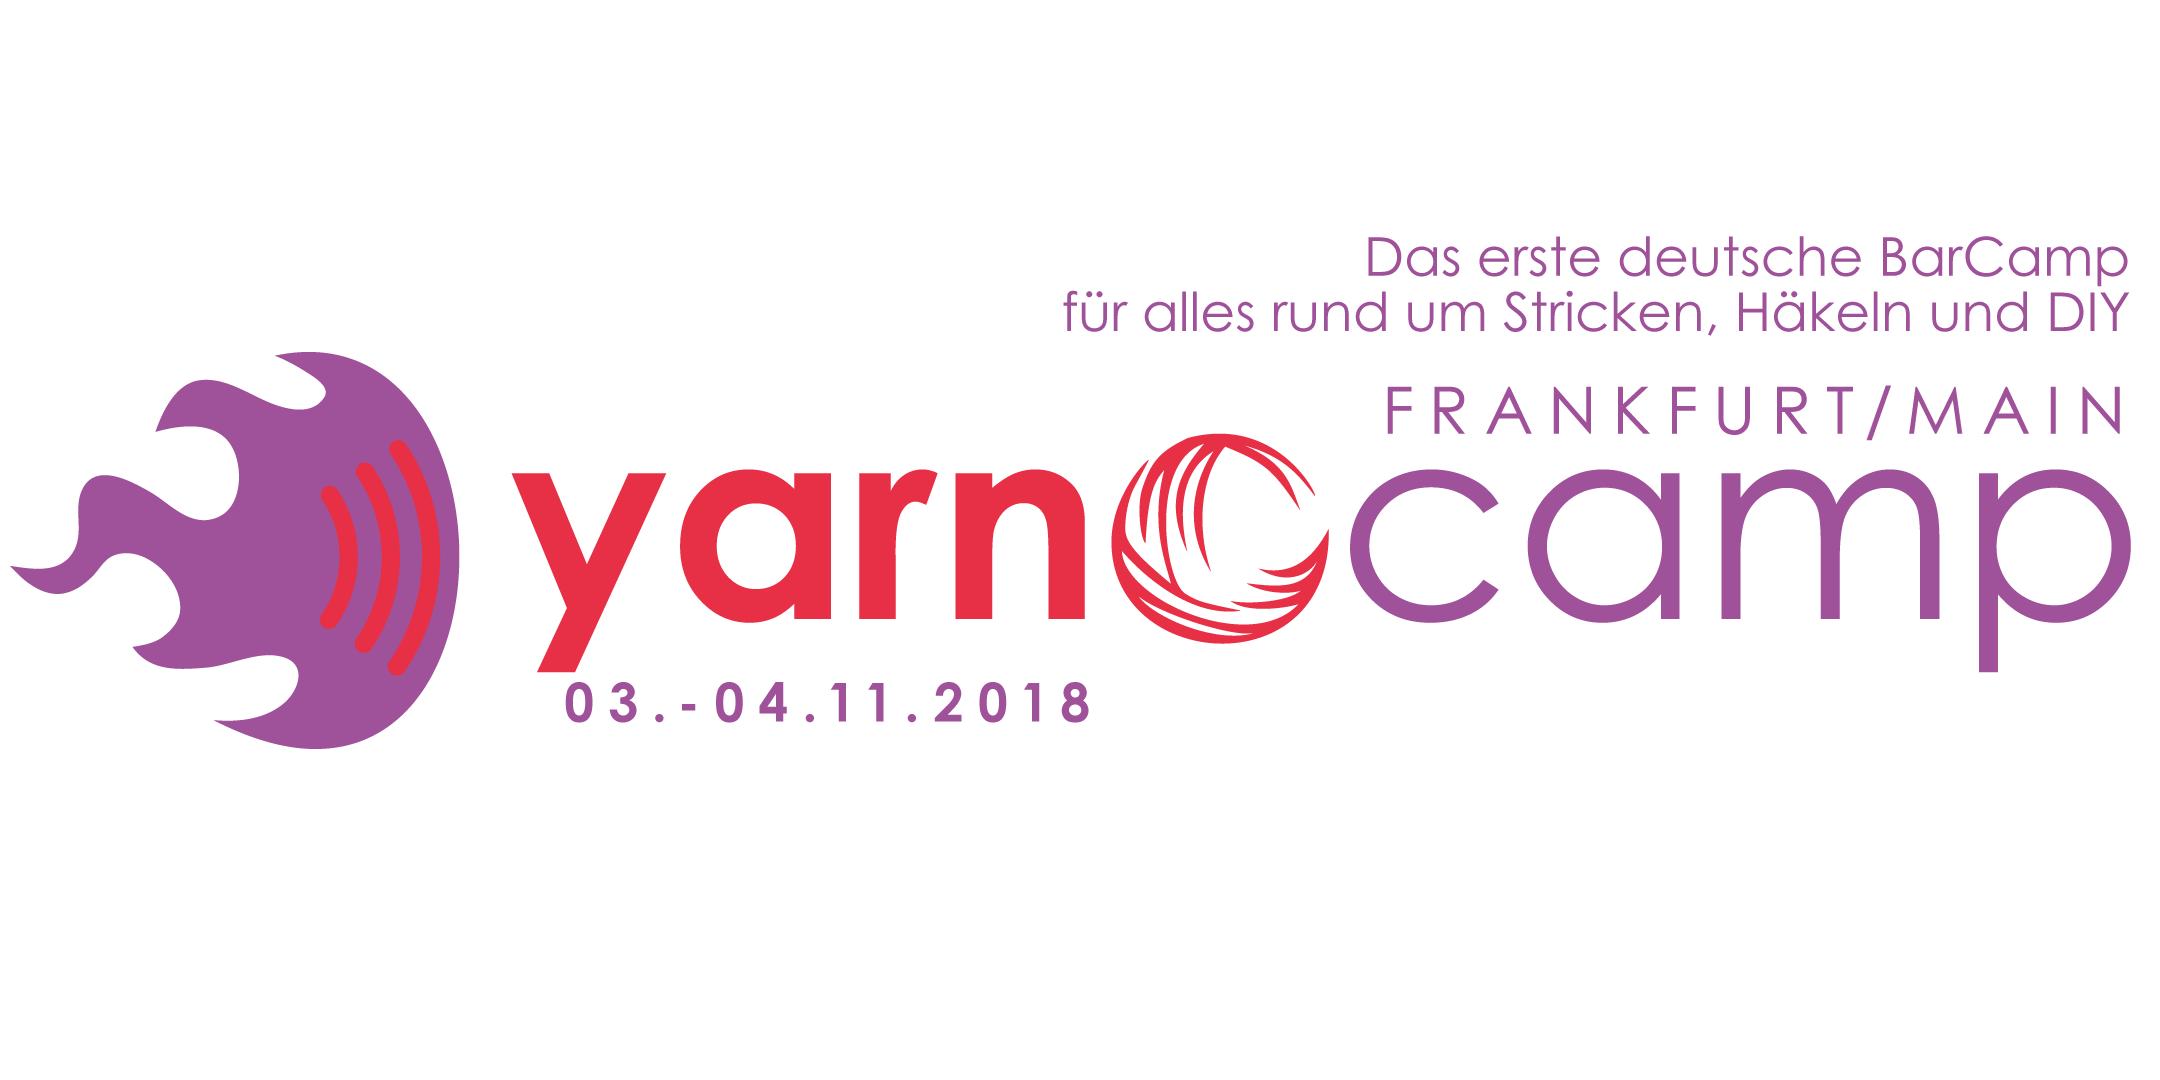 YarnCamp 2018